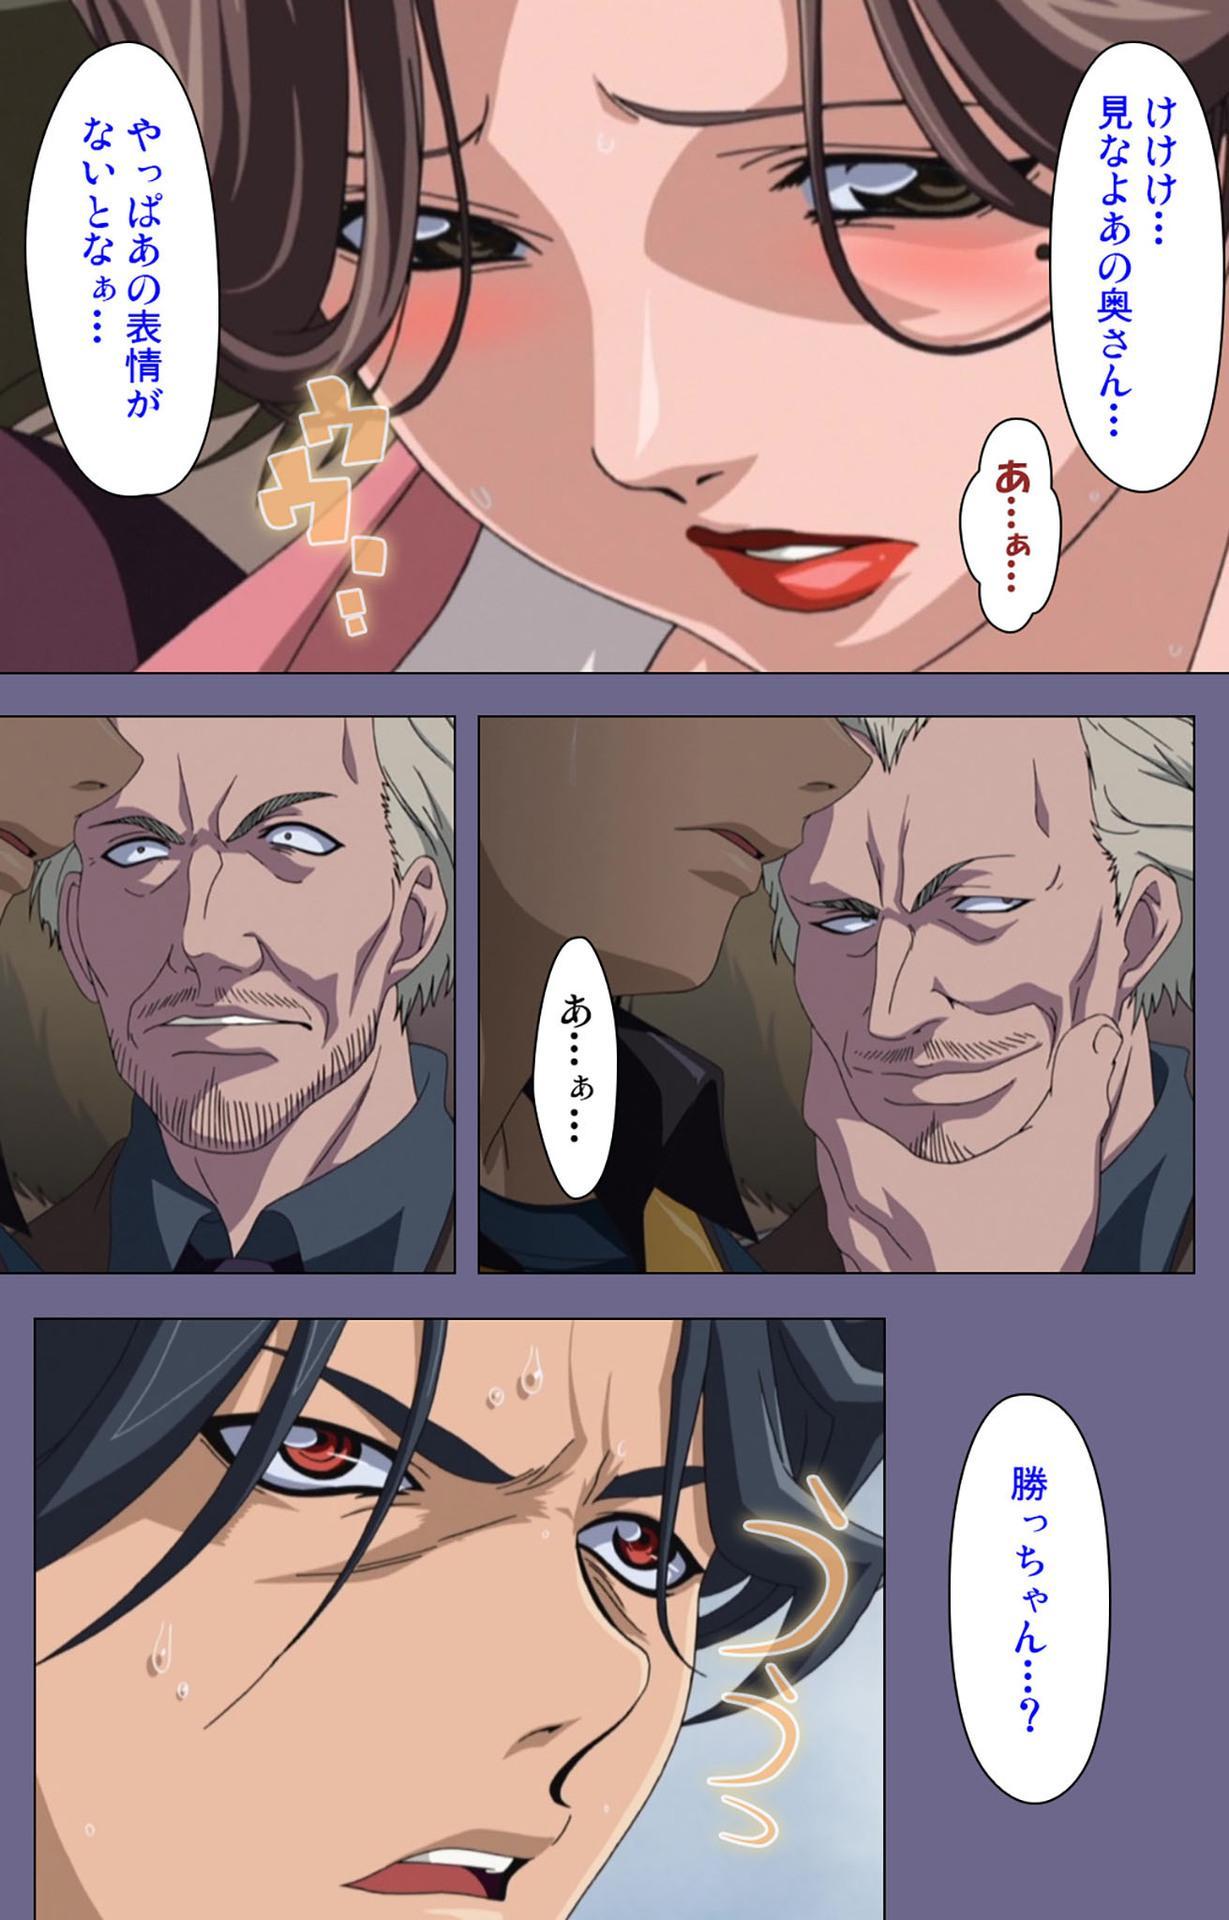 Itazura kanzenhan 149